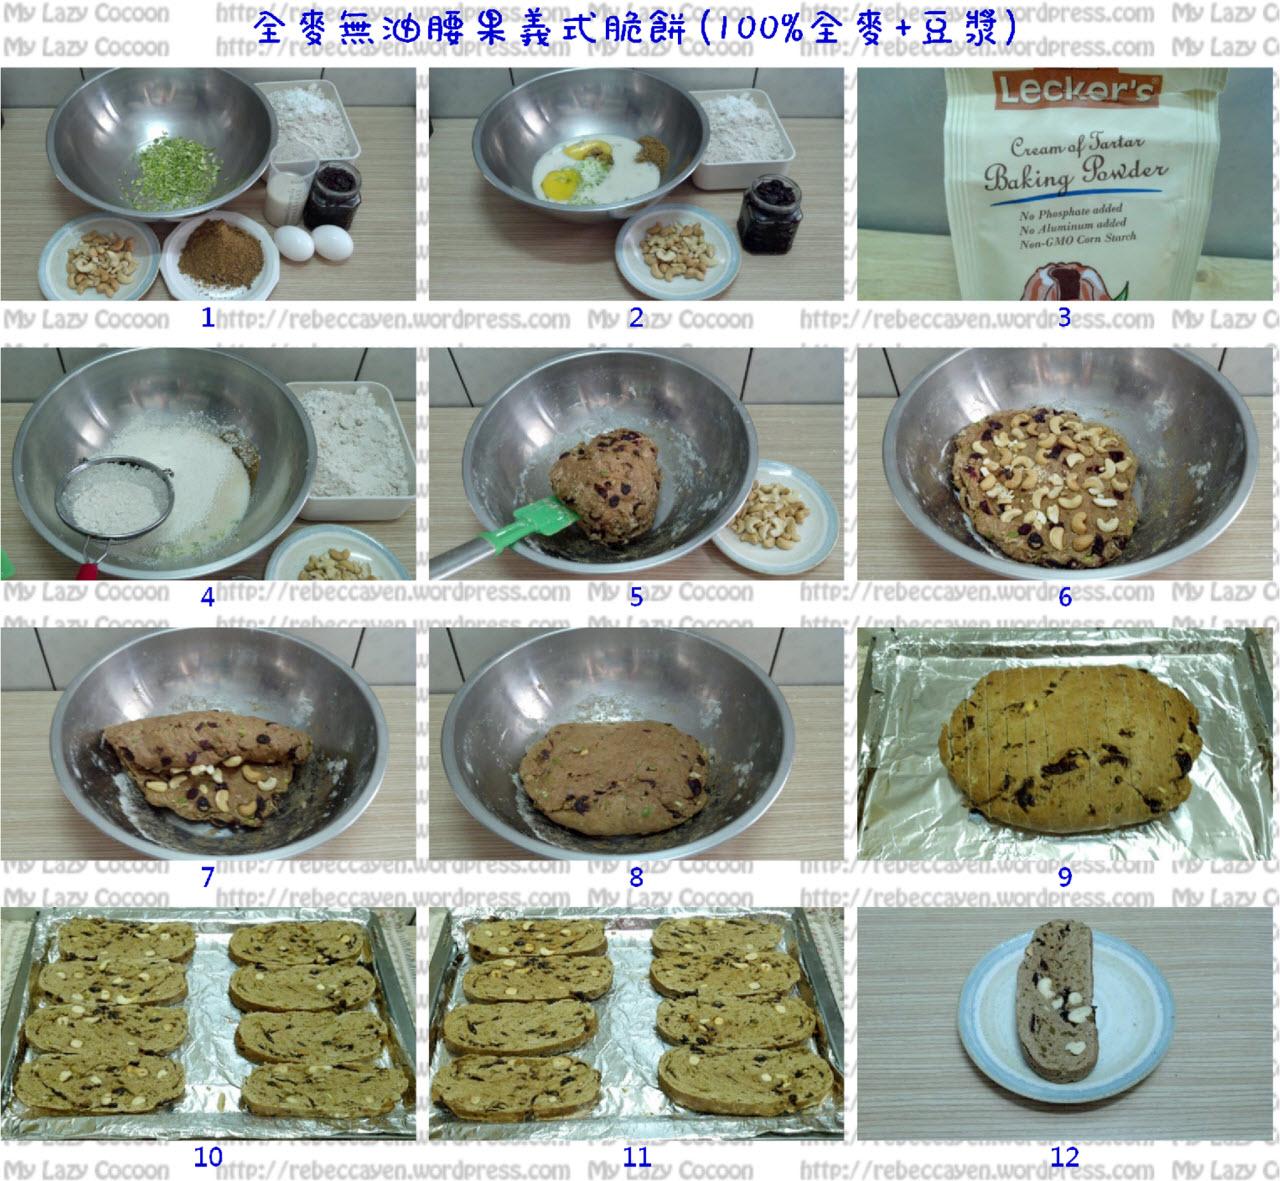 全麥無油腰果義式脆餅(100%全麥粉+豆漿)作法